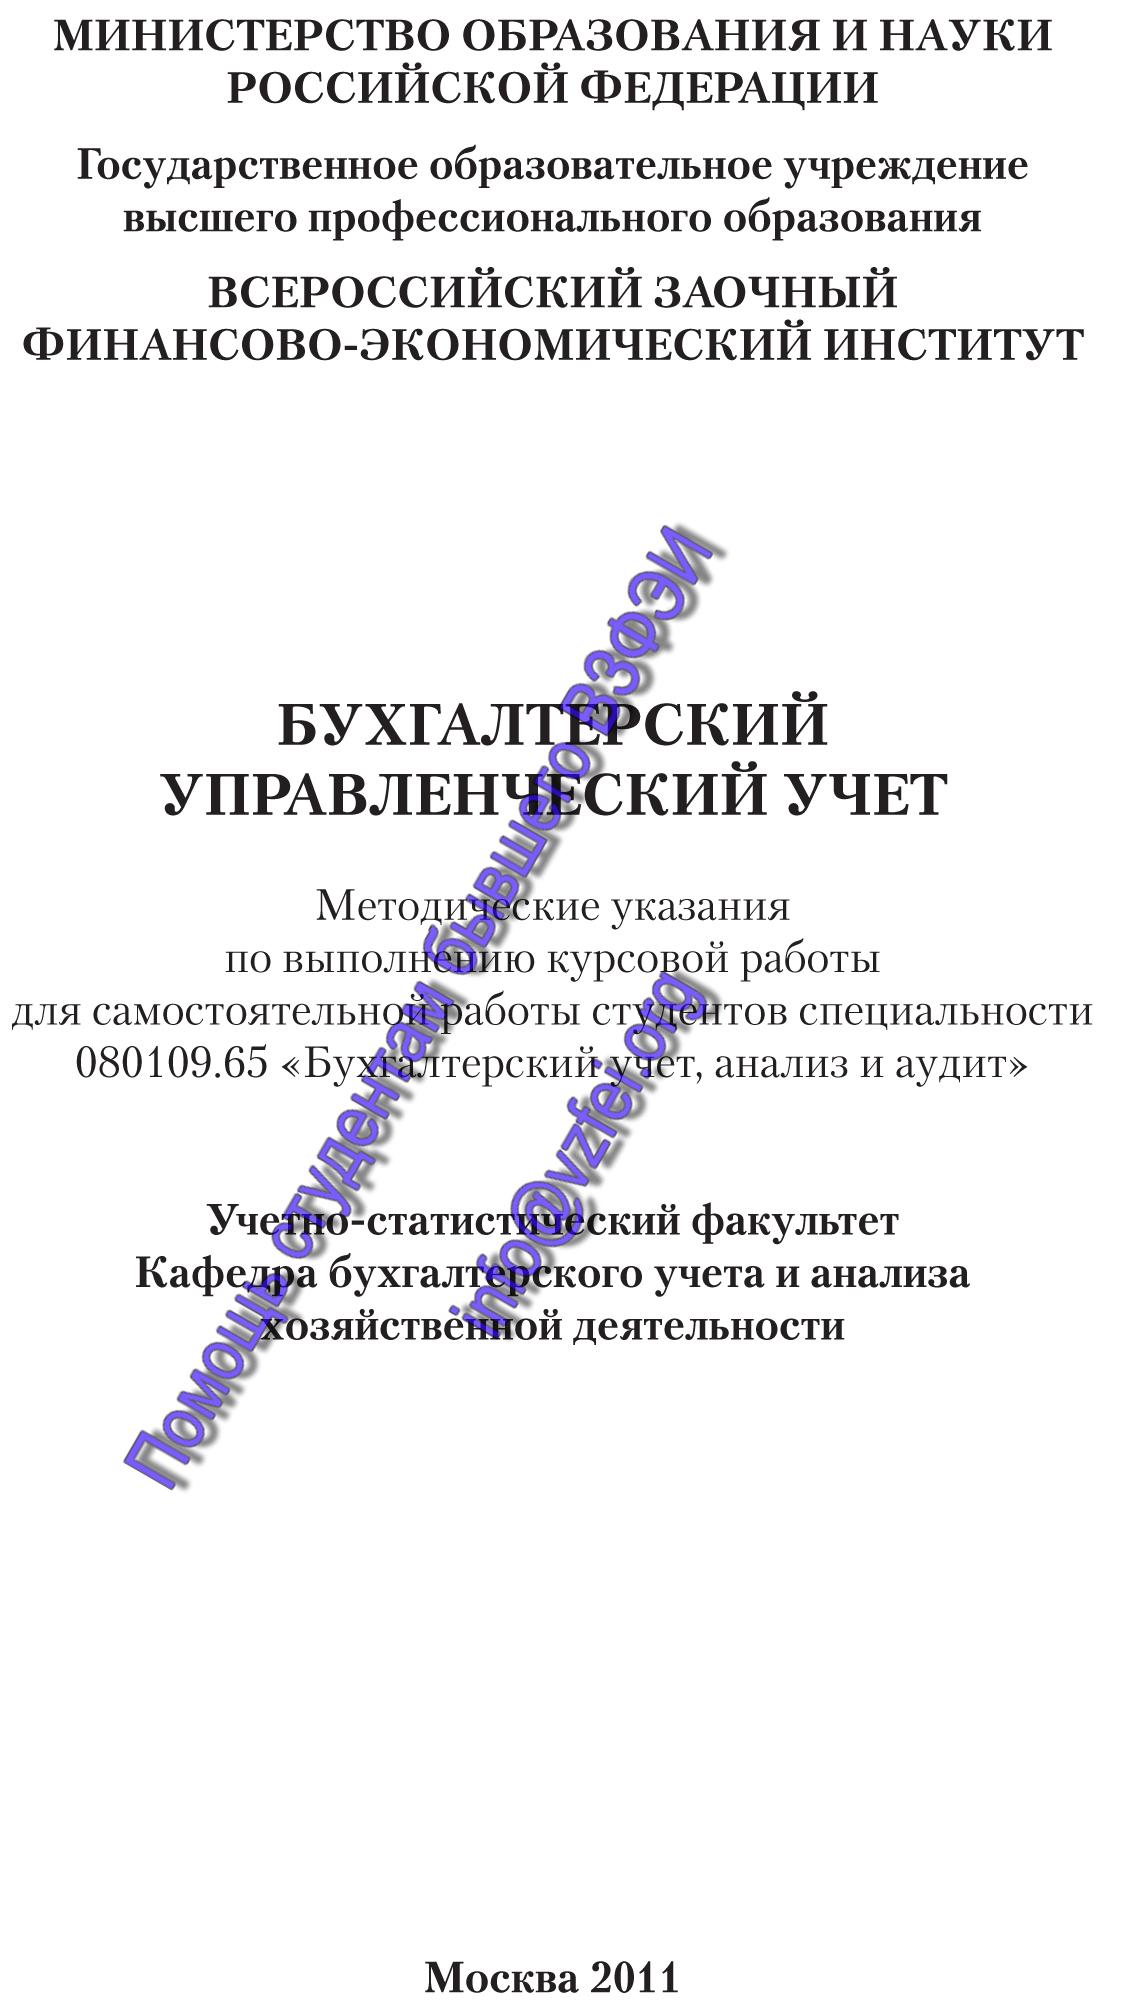 Бухгалтерский управленческий учет Курсовая работа на заказ для  Бухгалтерский управленческий учет курсовой проект